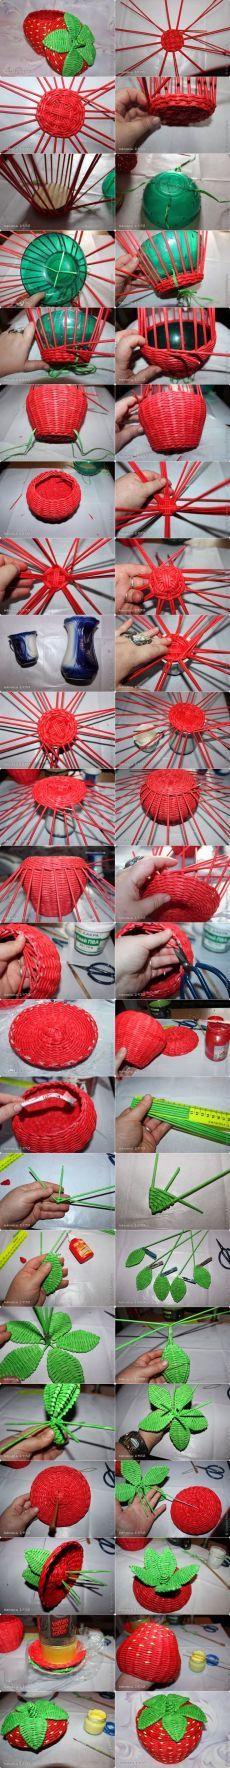 Плетение из газет - от корзинок до шляпок - 7 фото МК